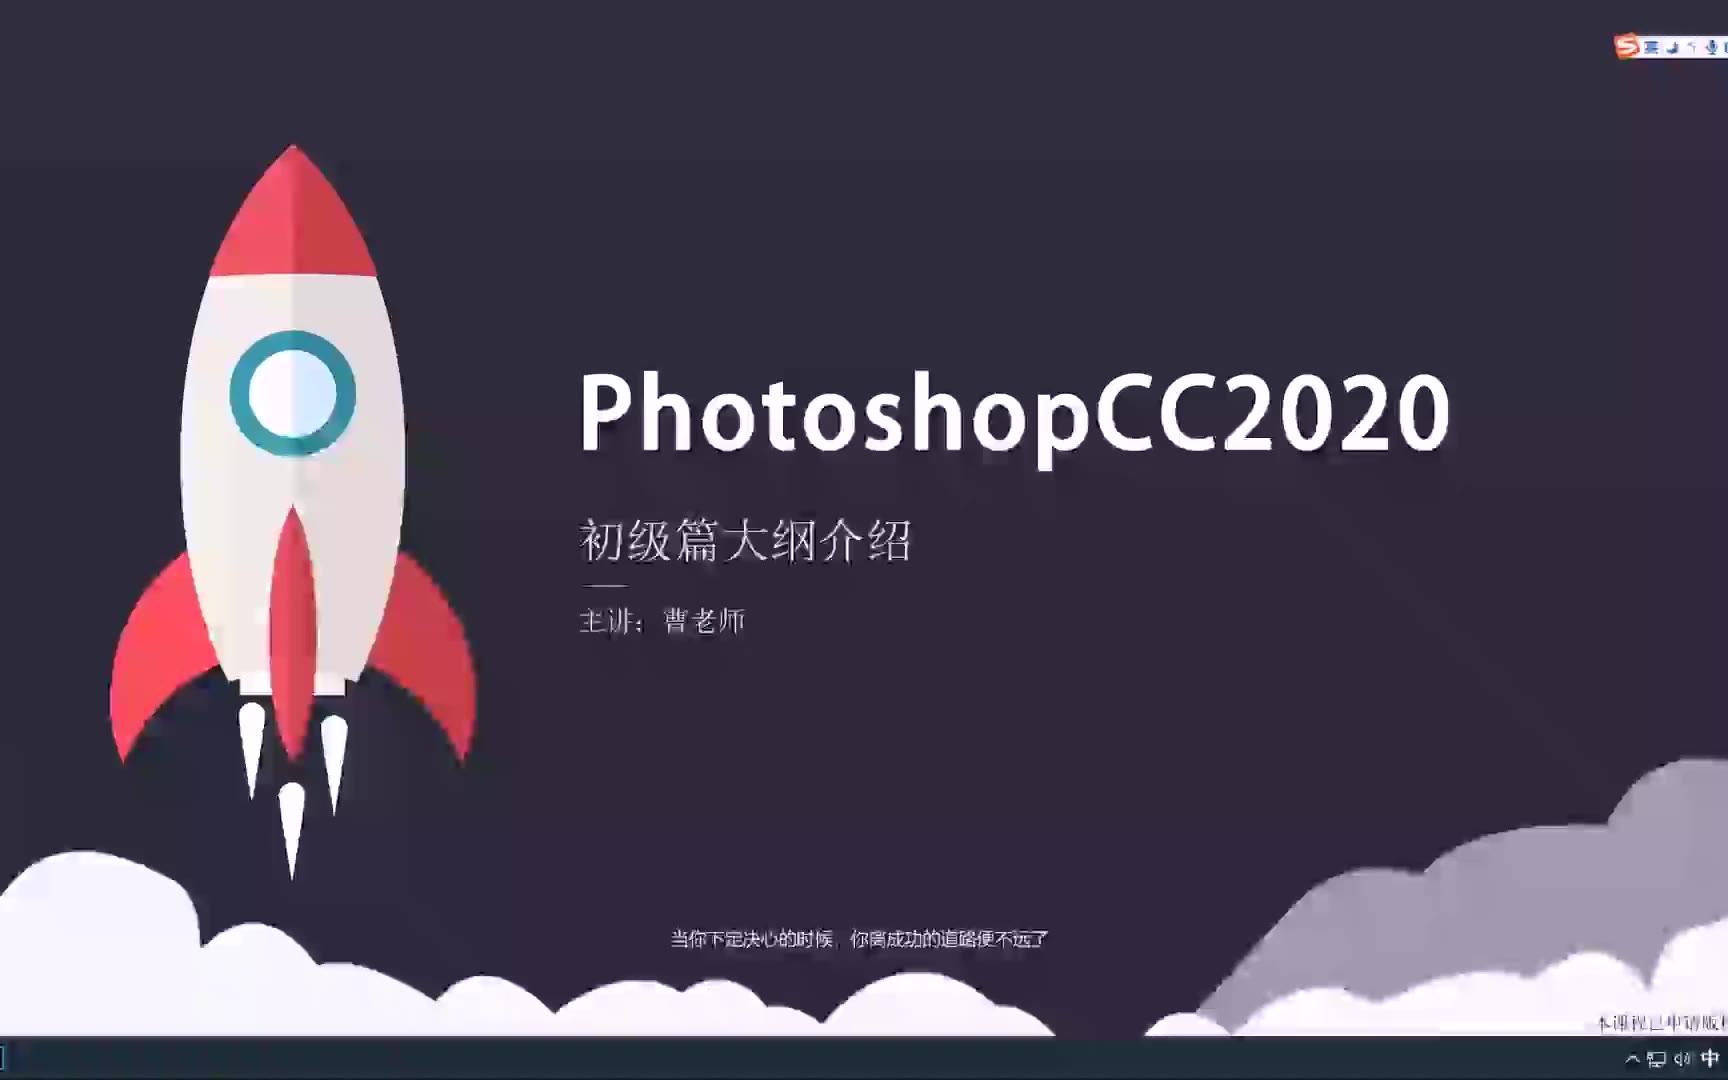 《公开课》PS CC2020 从入门到精通-001 - Photosh